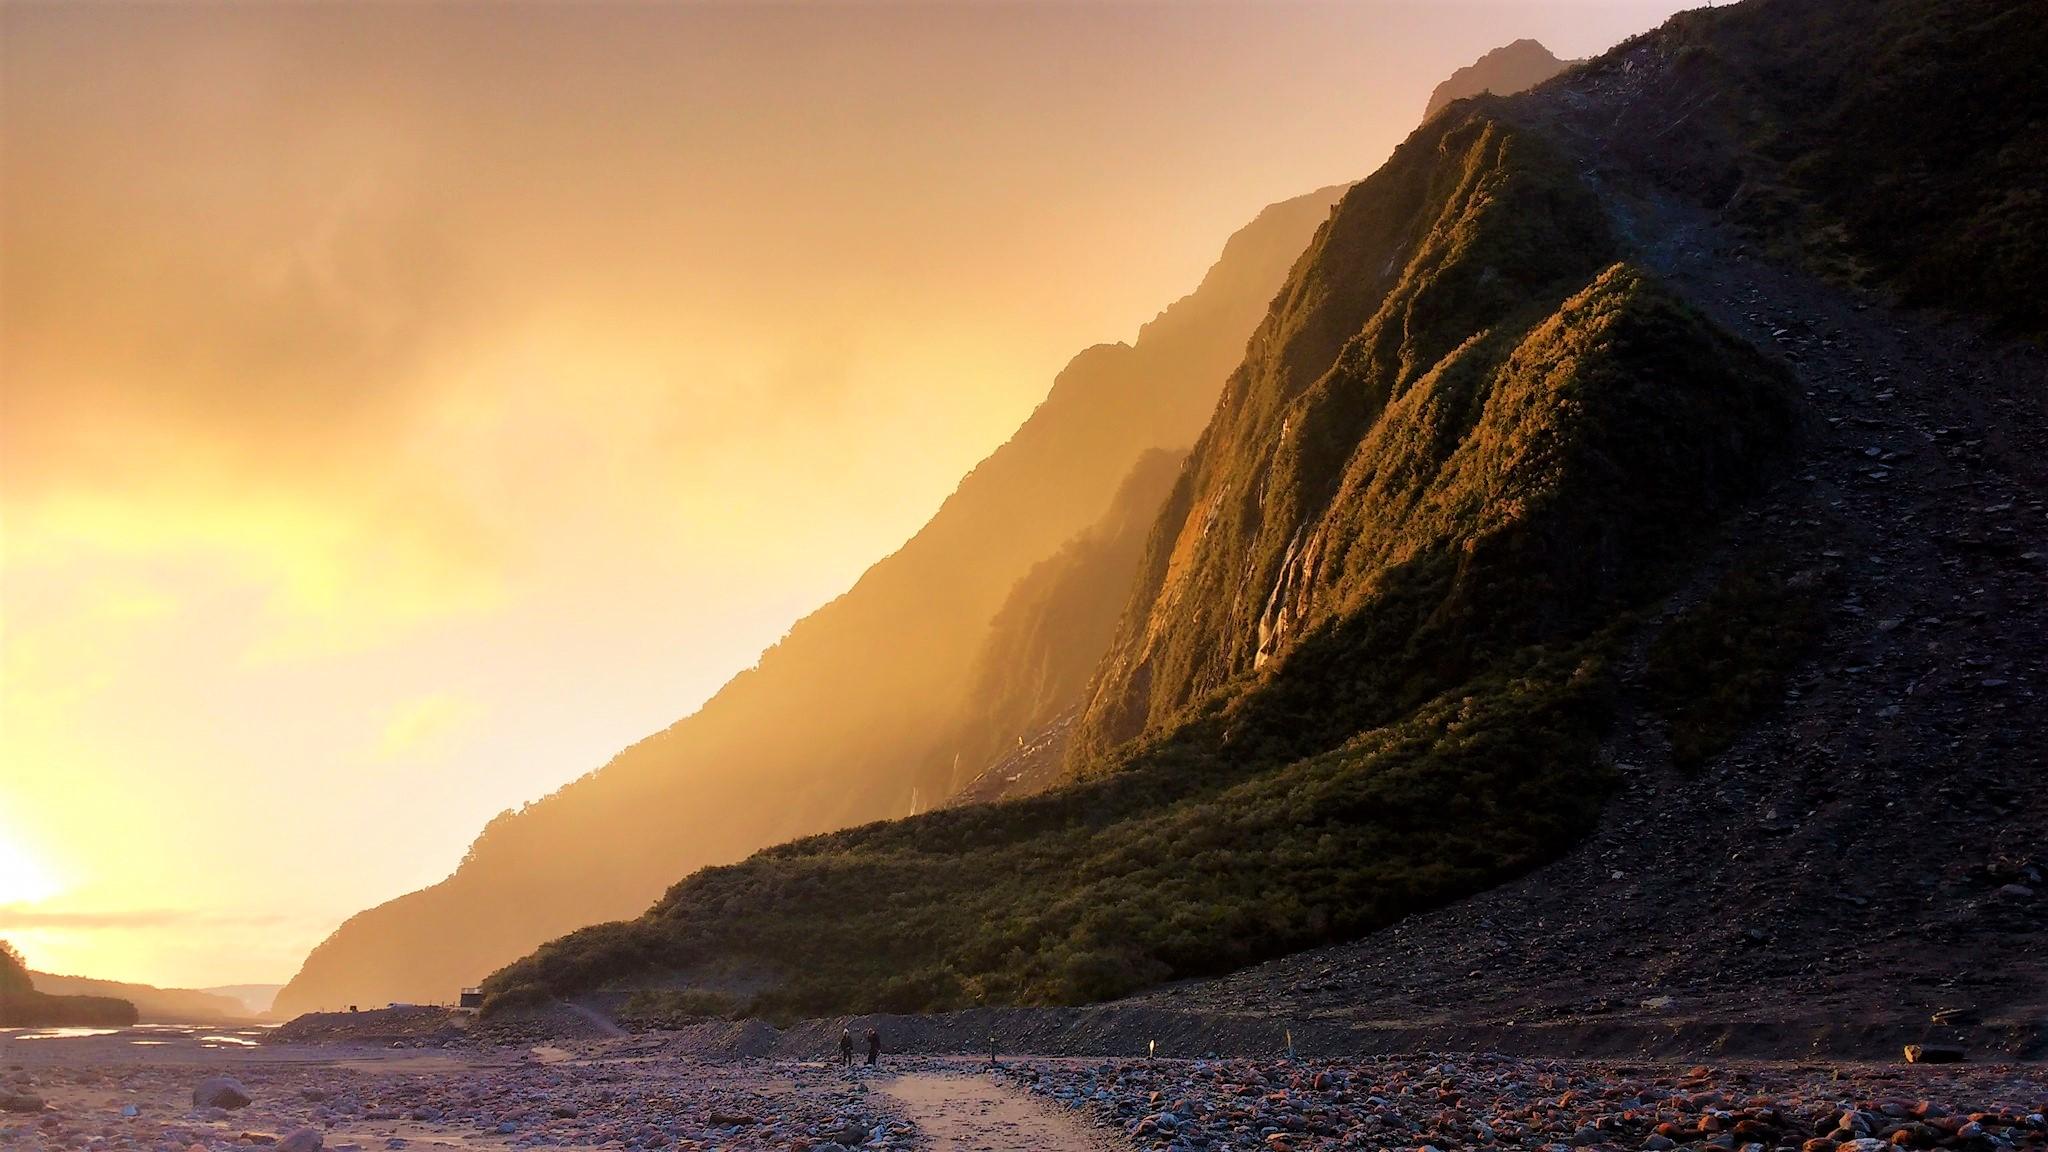 【南島】ニュージーランドに惚れたバックパッカーの綴り